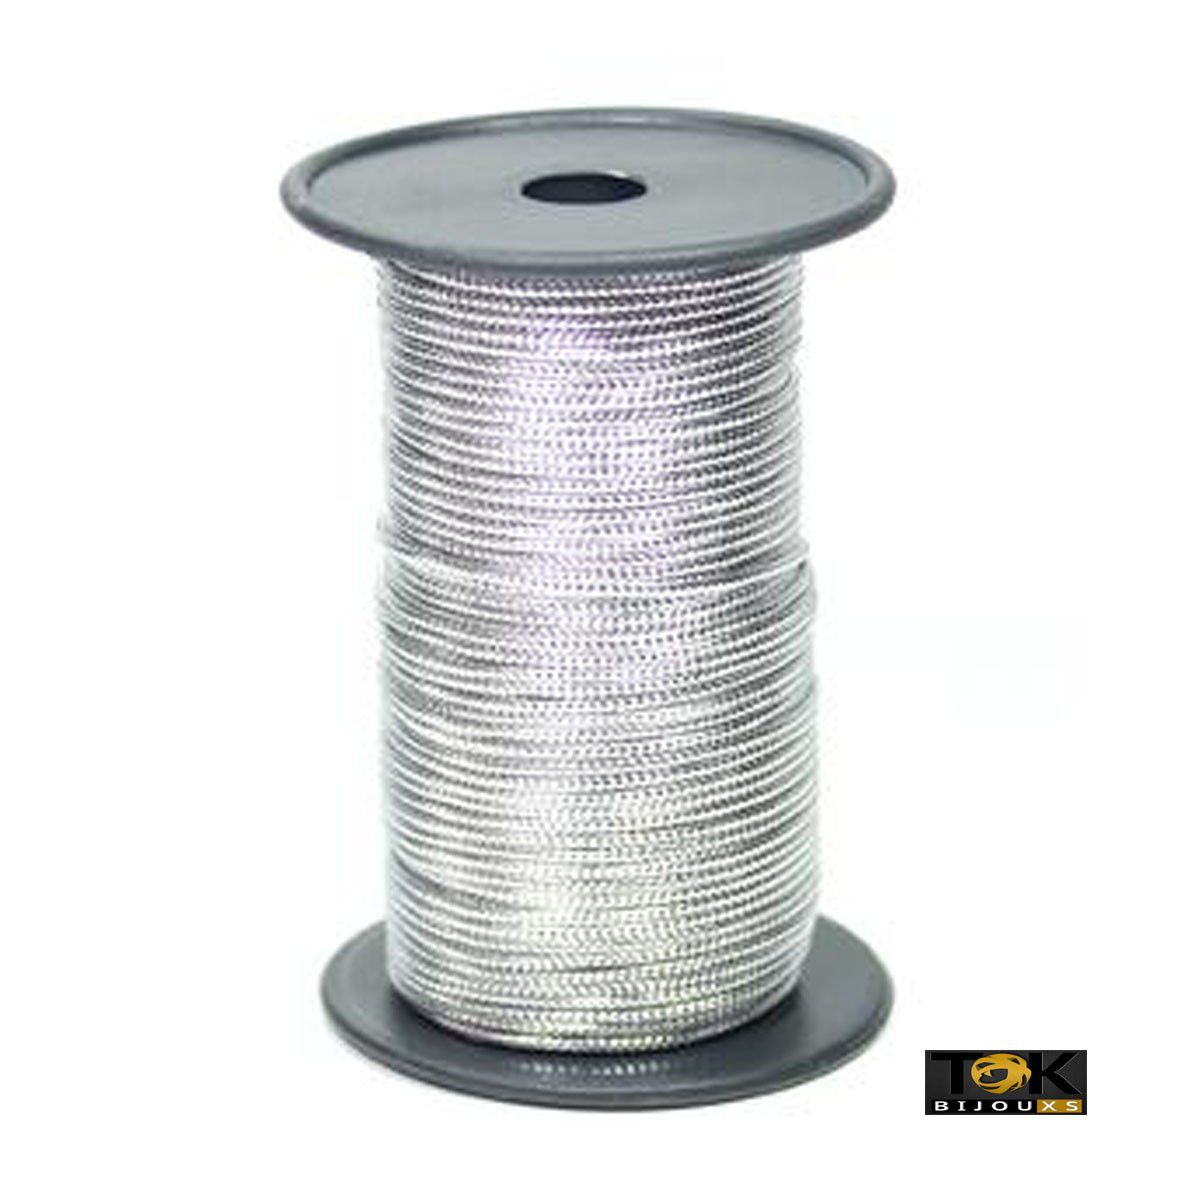 Cordão Metalizado São José 9005 R - 1mm -  Prata - 50 Metros